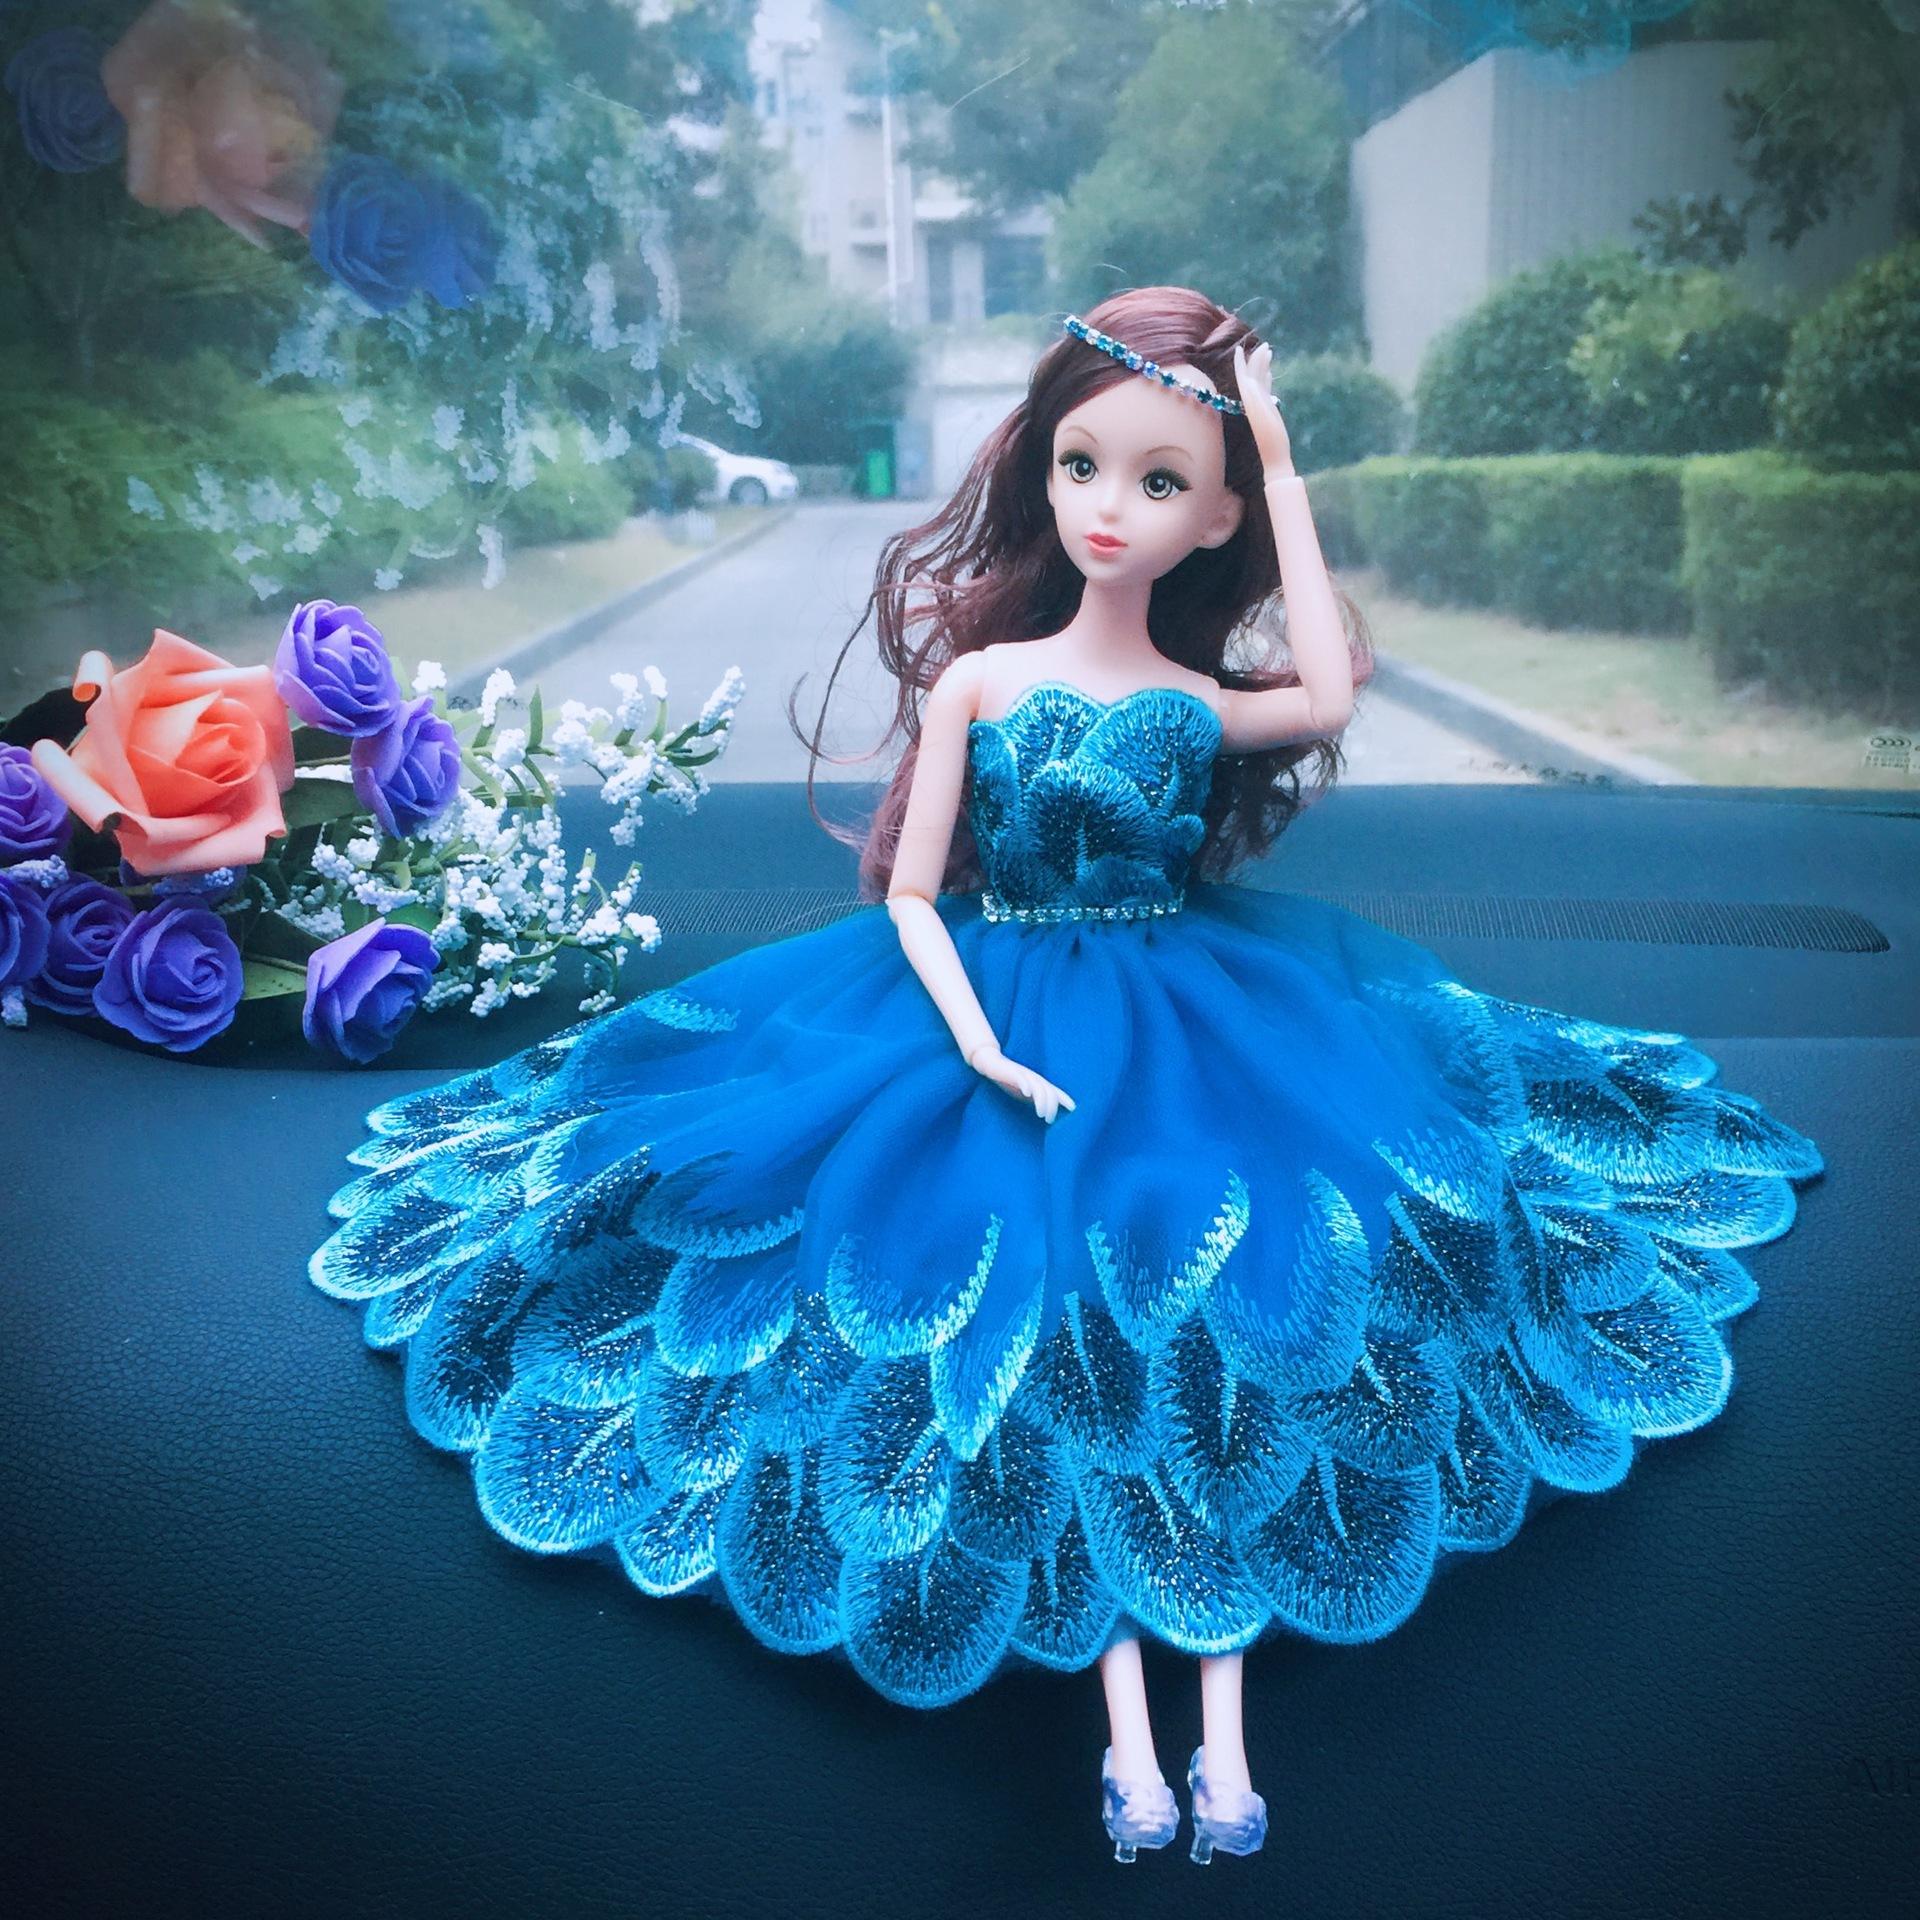 汽车饰品可爱闪镶钻水晶内饰品用品车载拖尾天使芭比娃娃摆件装